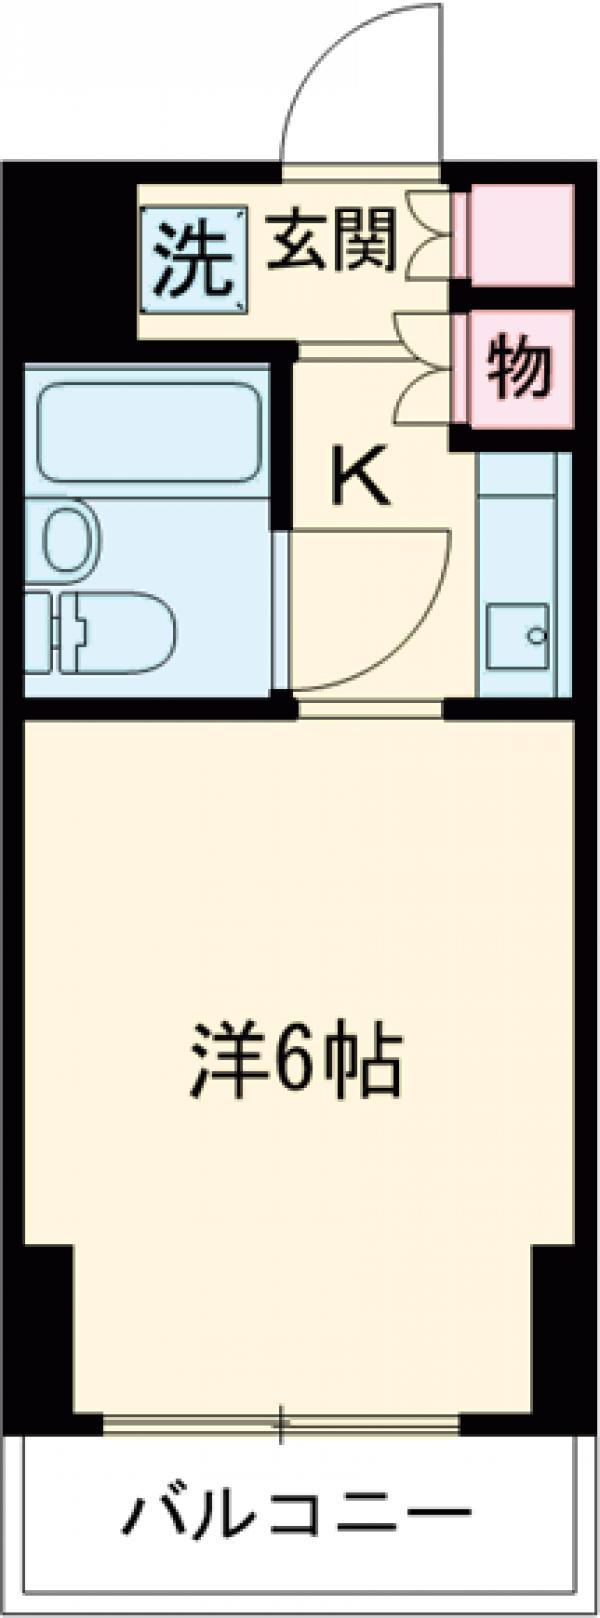 メインステージ多摩川駅前 408号室の間取り